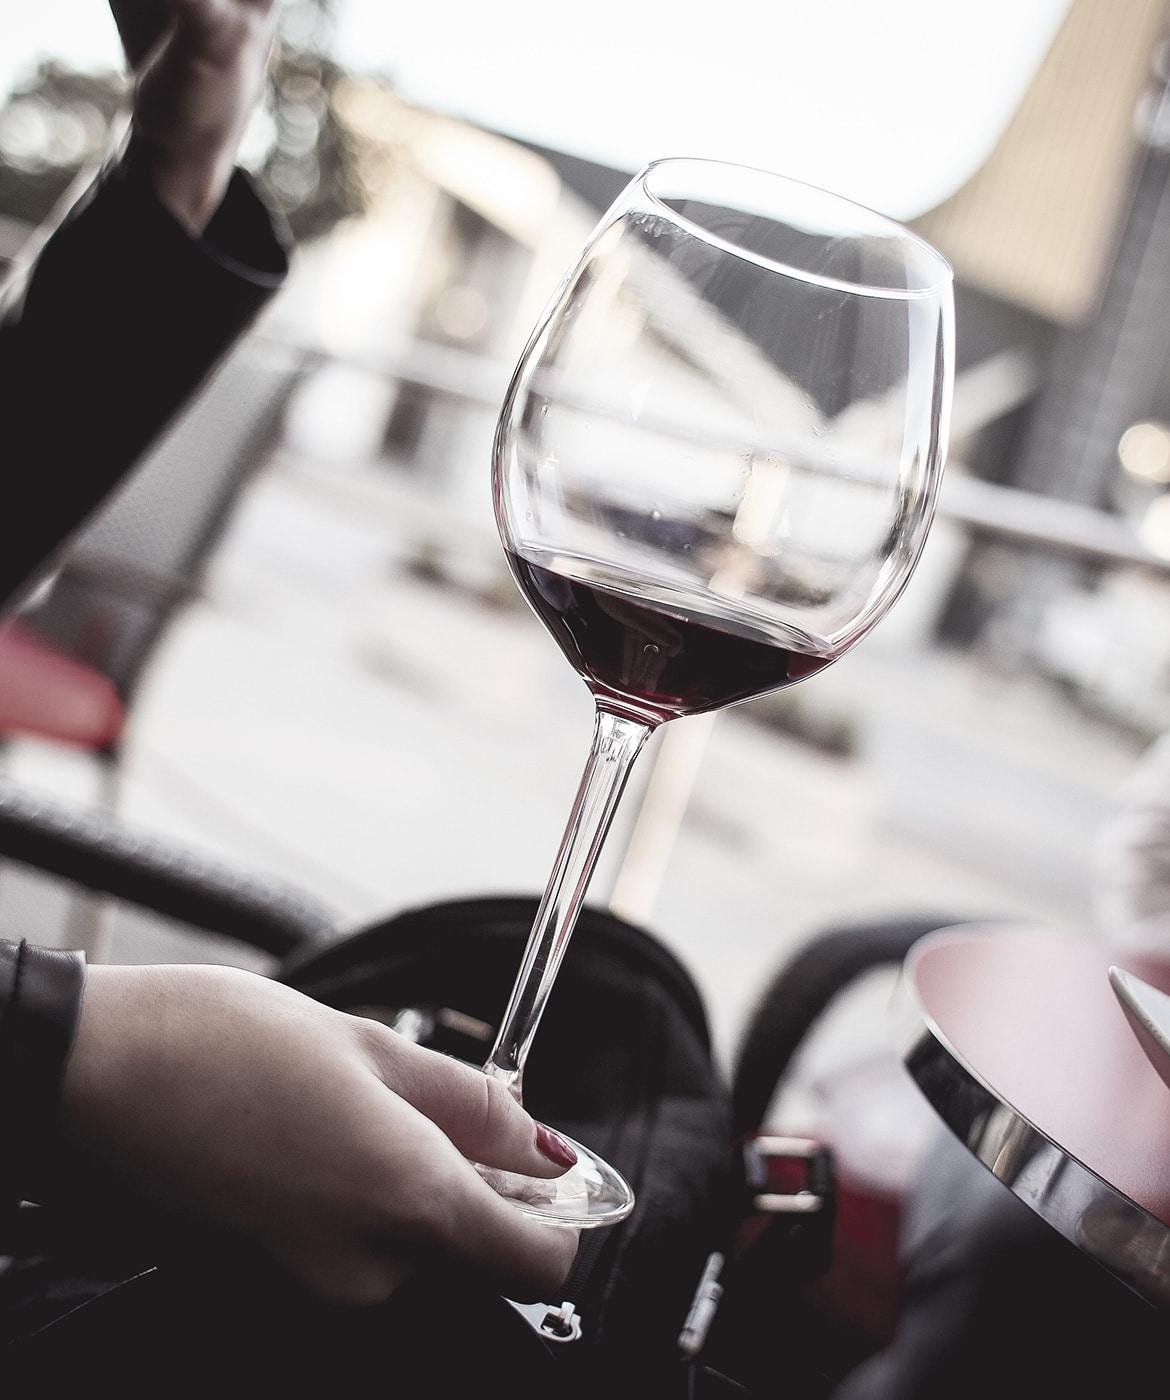 Dégustation d'un verre de vin rouge